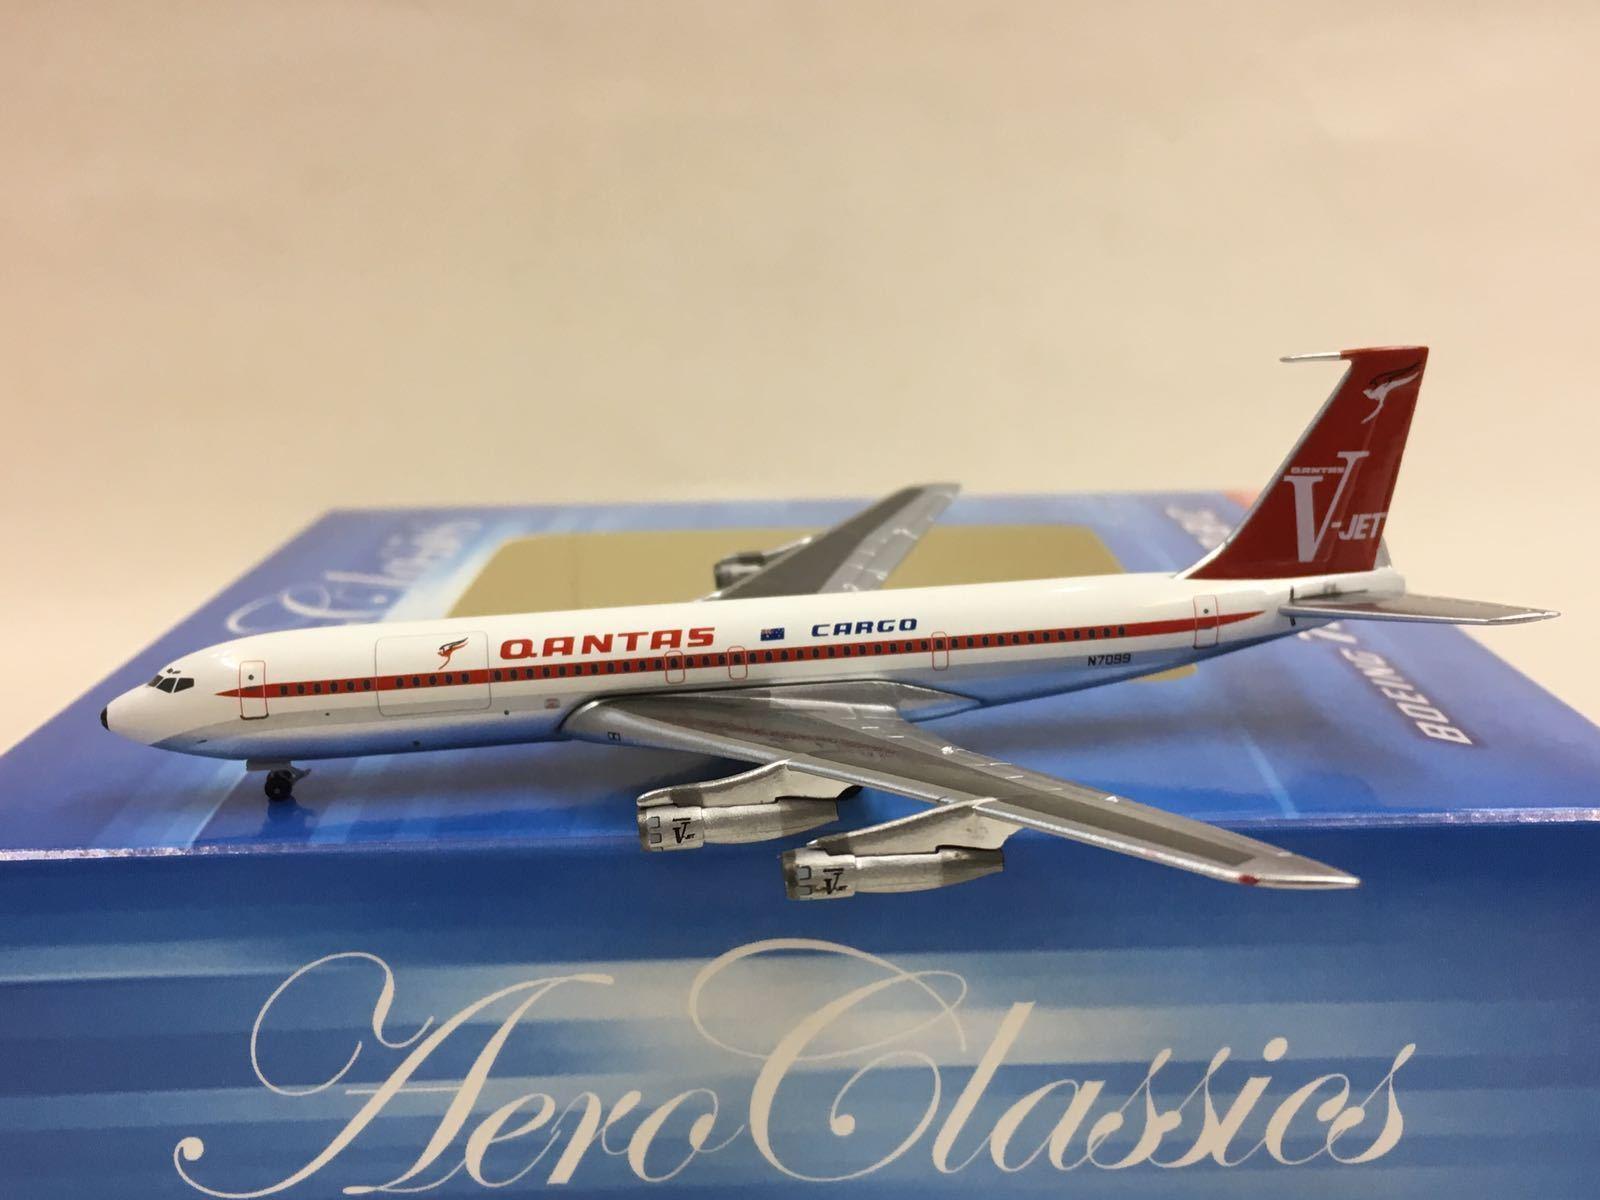 forma única Aeroclassics 1 400 Qantas Cochego B707-300C N7099 N7099 N7099 1970 Colors  con 60% de descuento